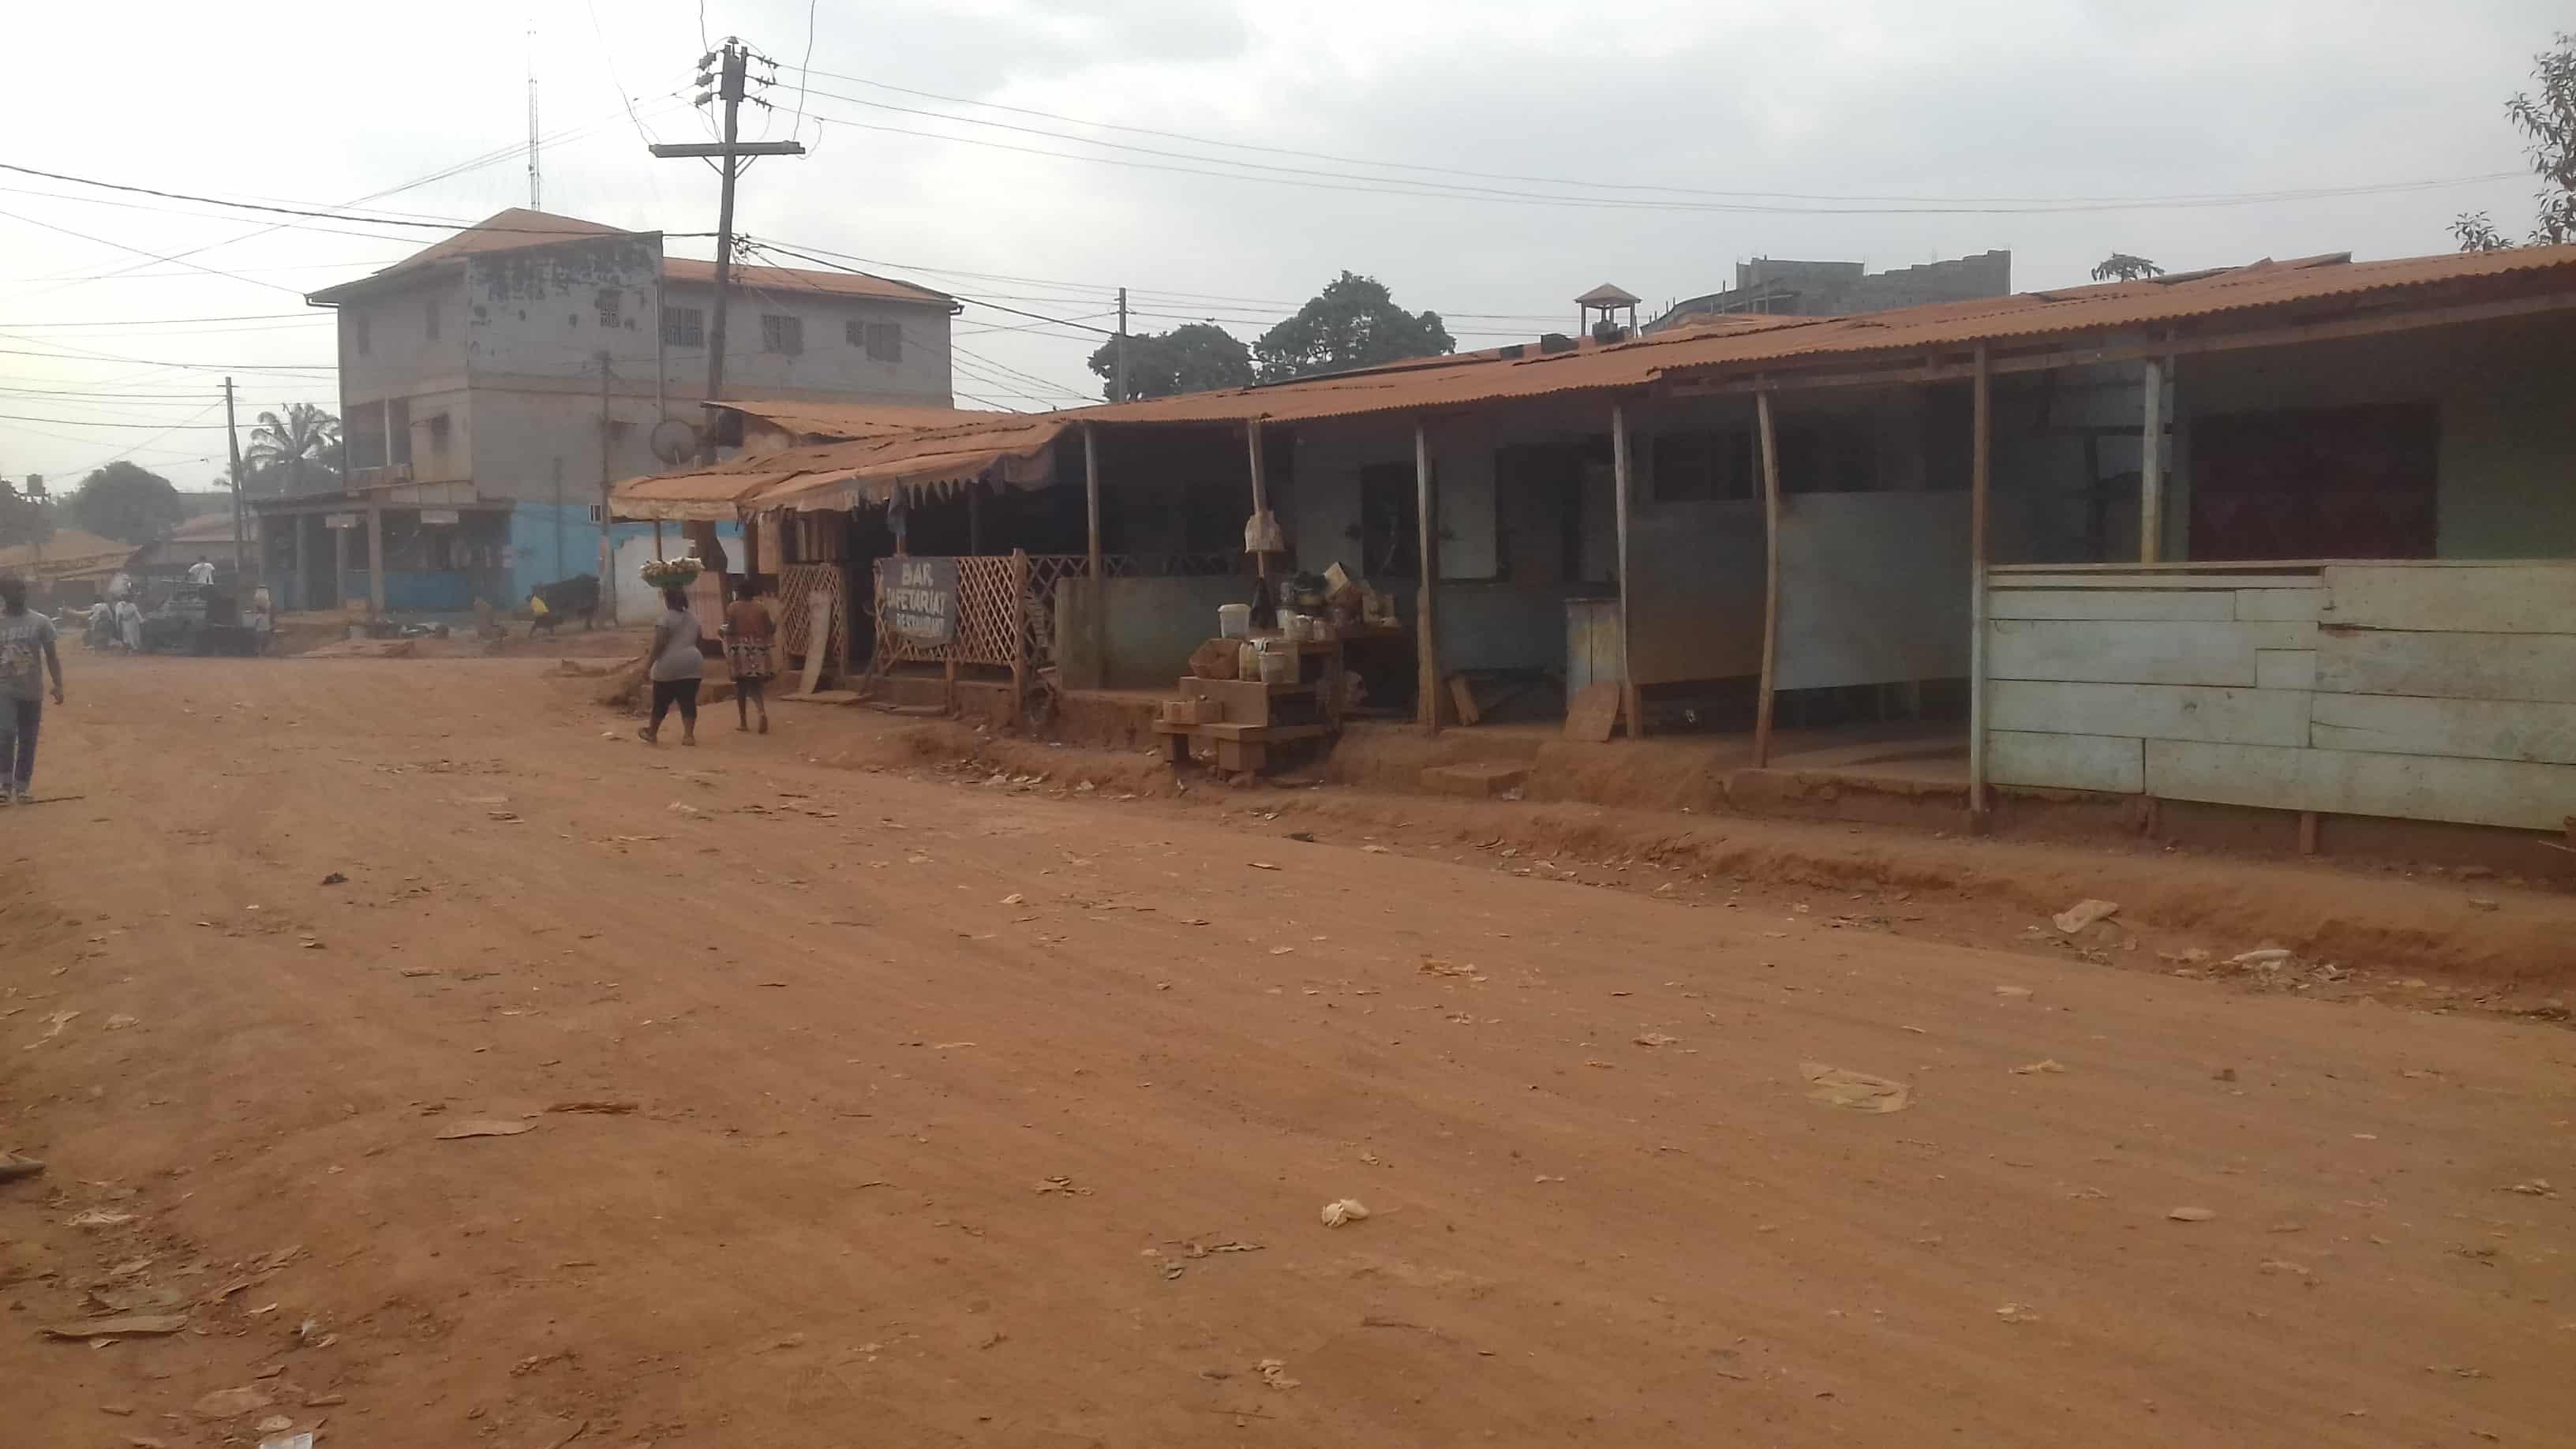 Land for sale at Yaoundé, Biteng, Nkoabang - 400 m2 - 29 000 000 FCFA